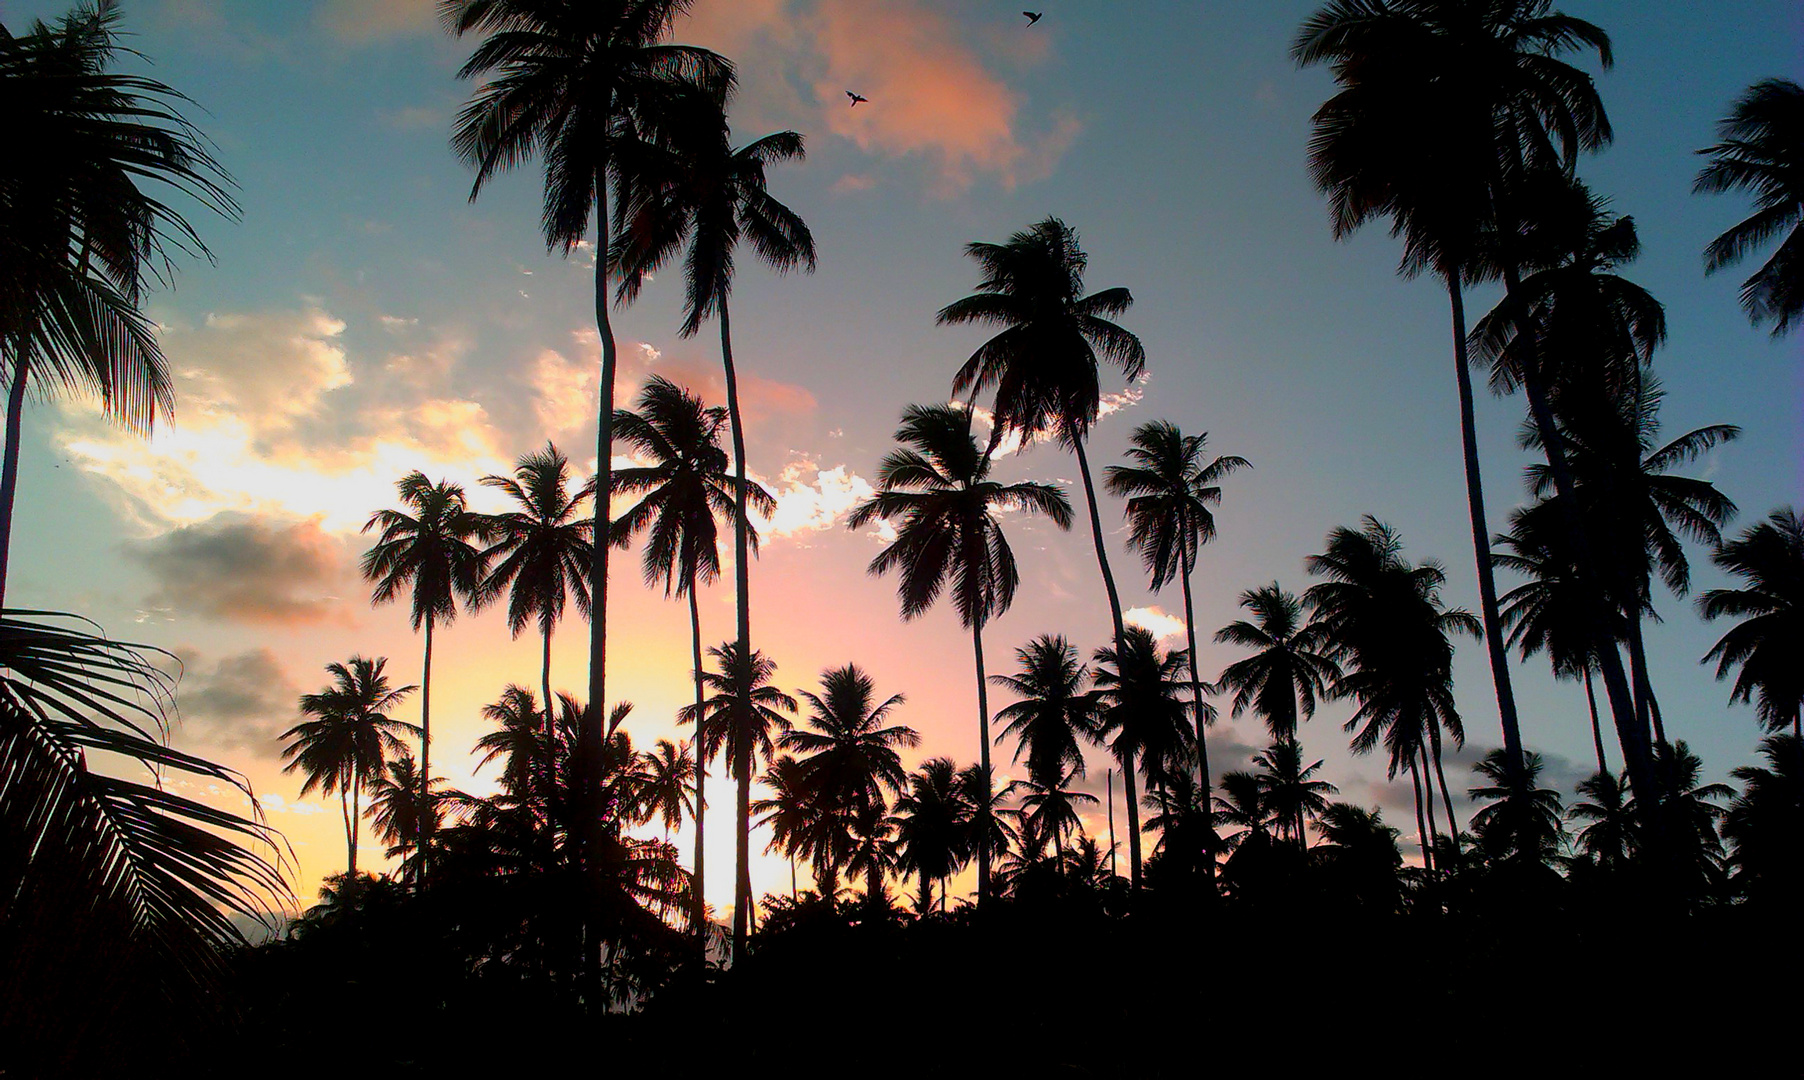 Palmen in Abenddämmerung